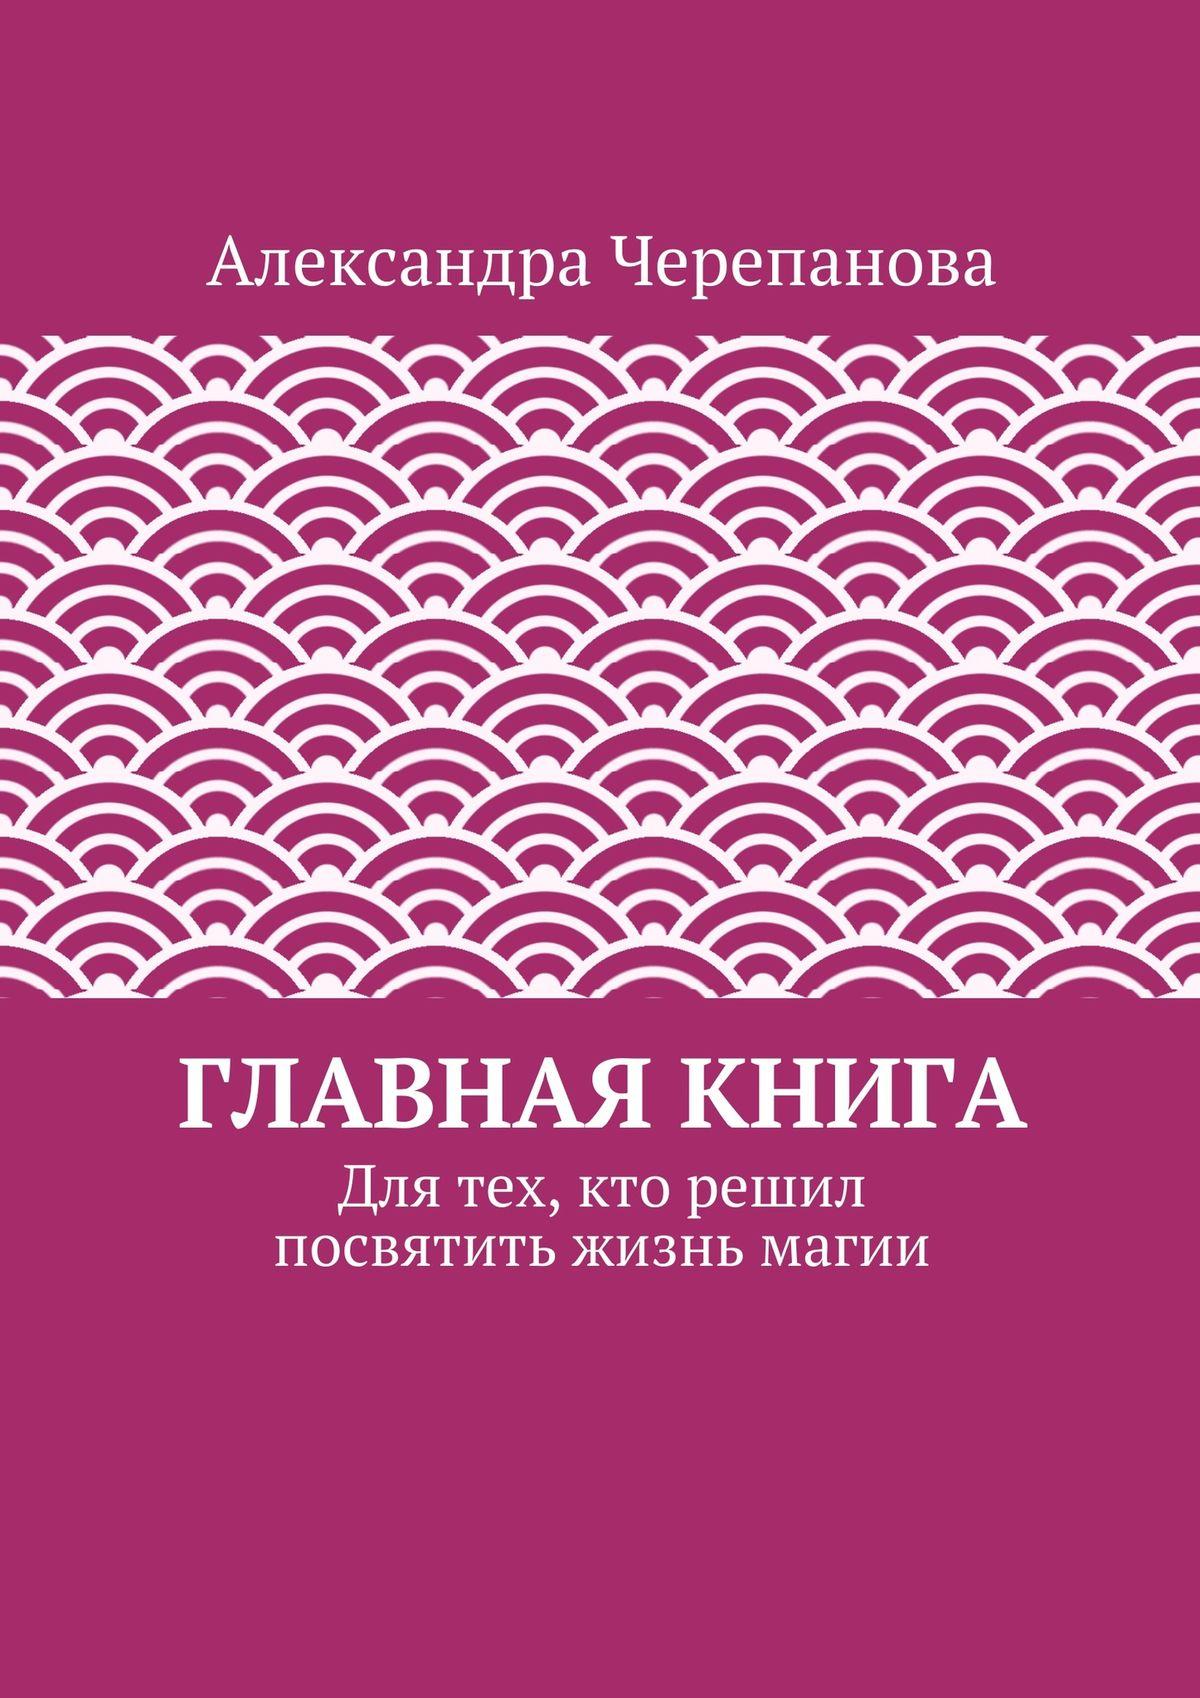 Александра Черепанова Главная книга. Для тех, кто решил посвятить жизнь магии